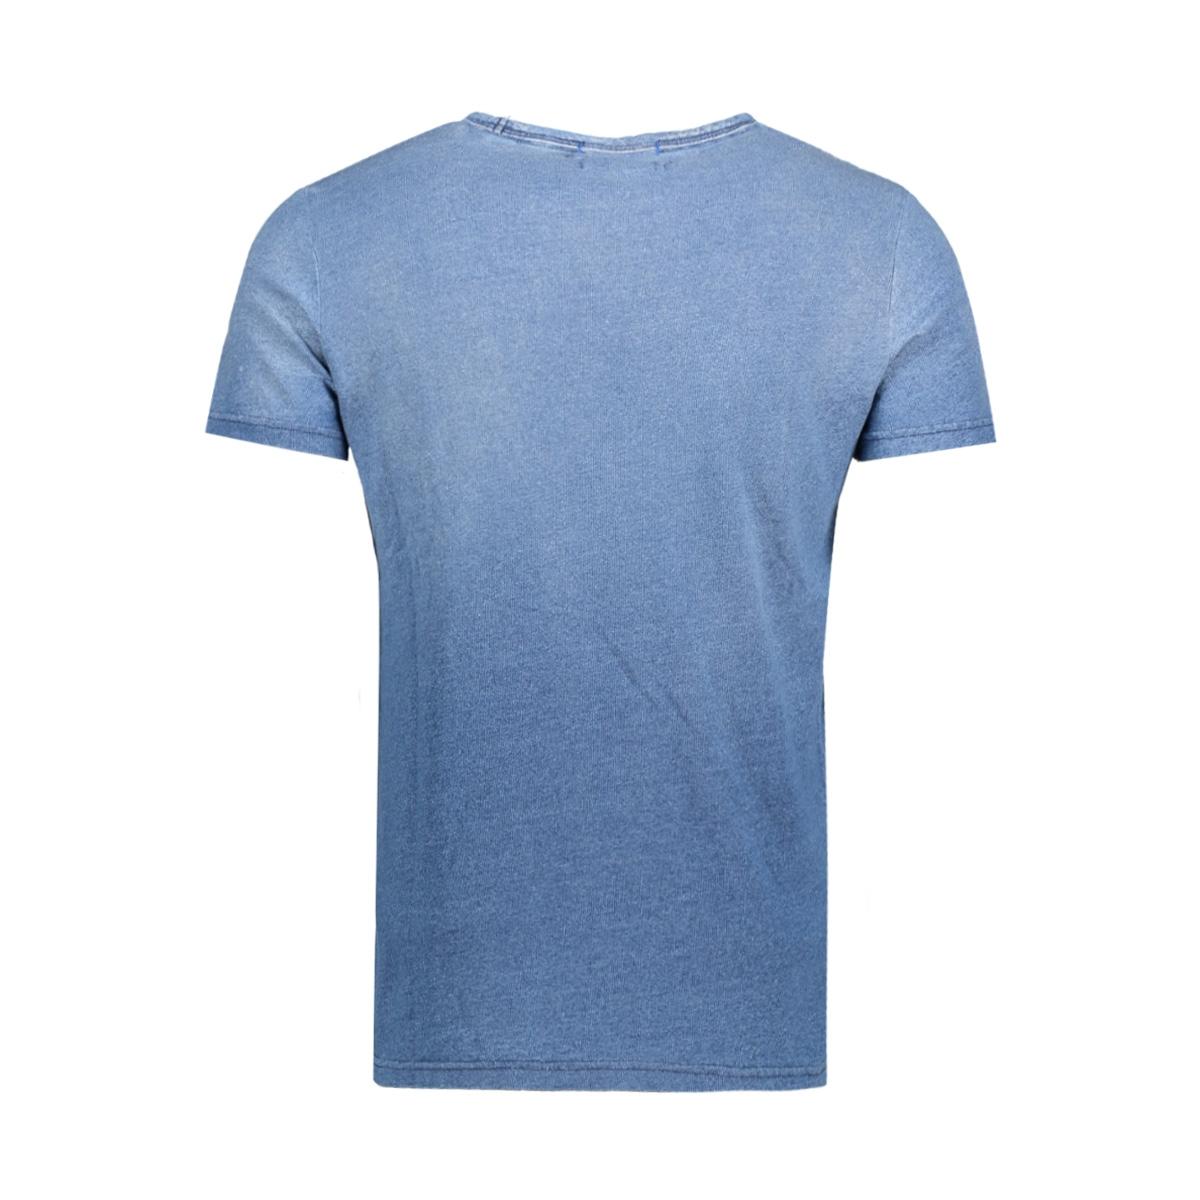 077ee2k016 esprit t-shirt e415